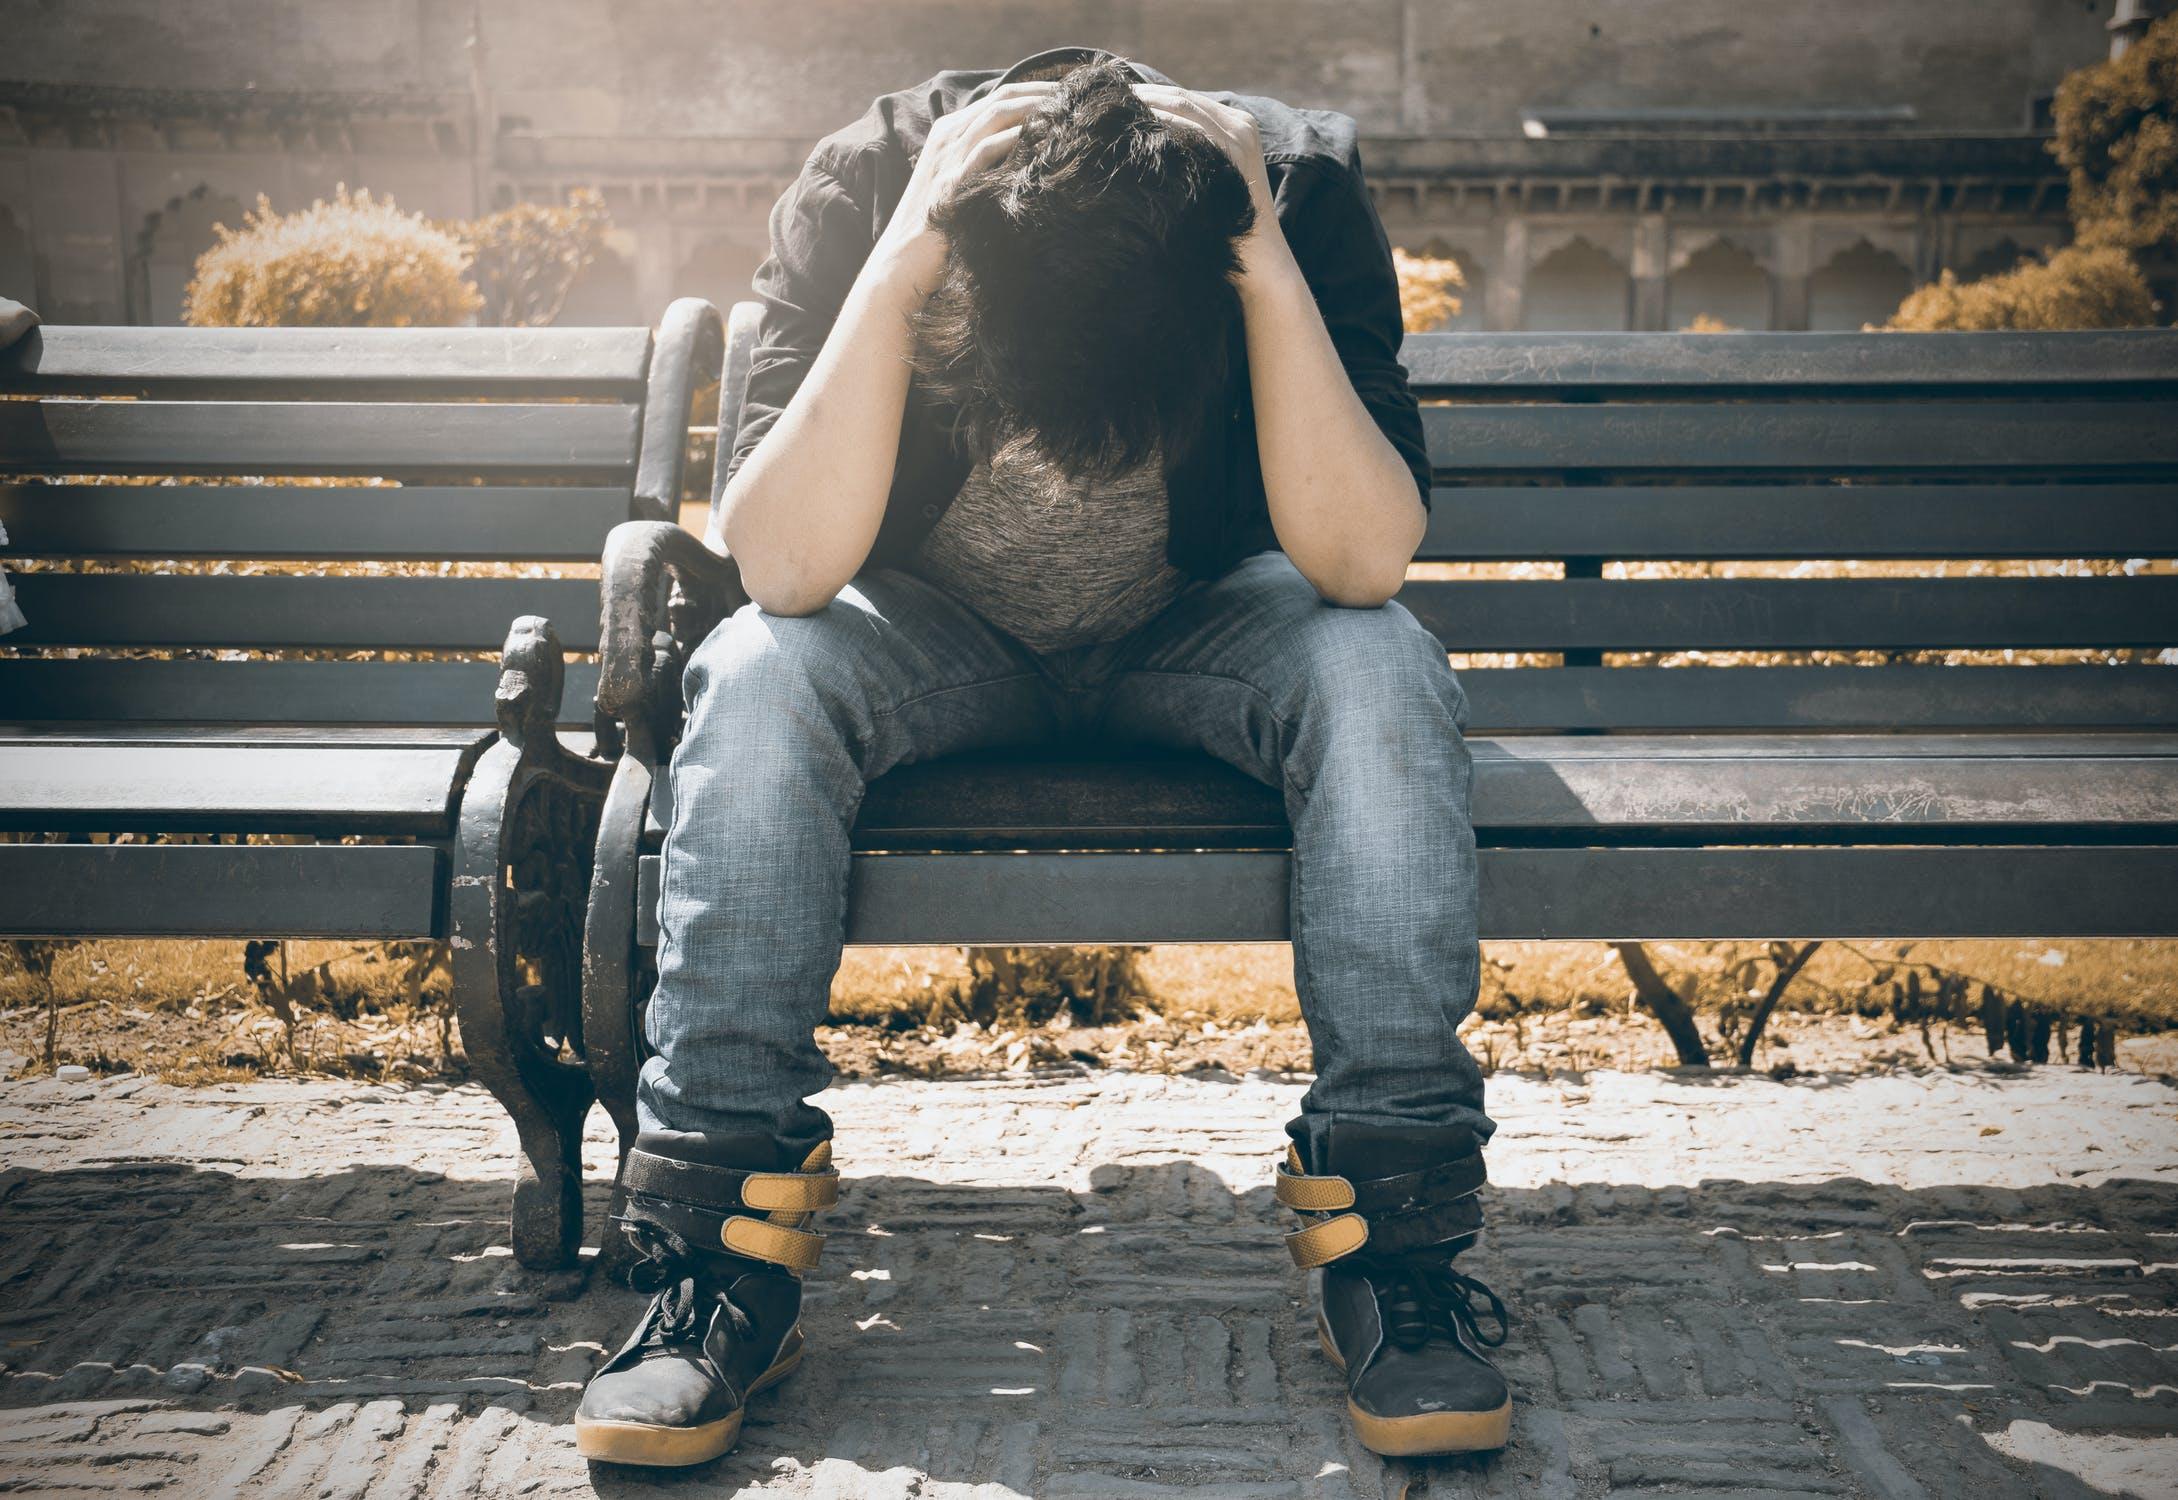 【男性保育士】うつ病になってしまう前に 3つの予防&対処法